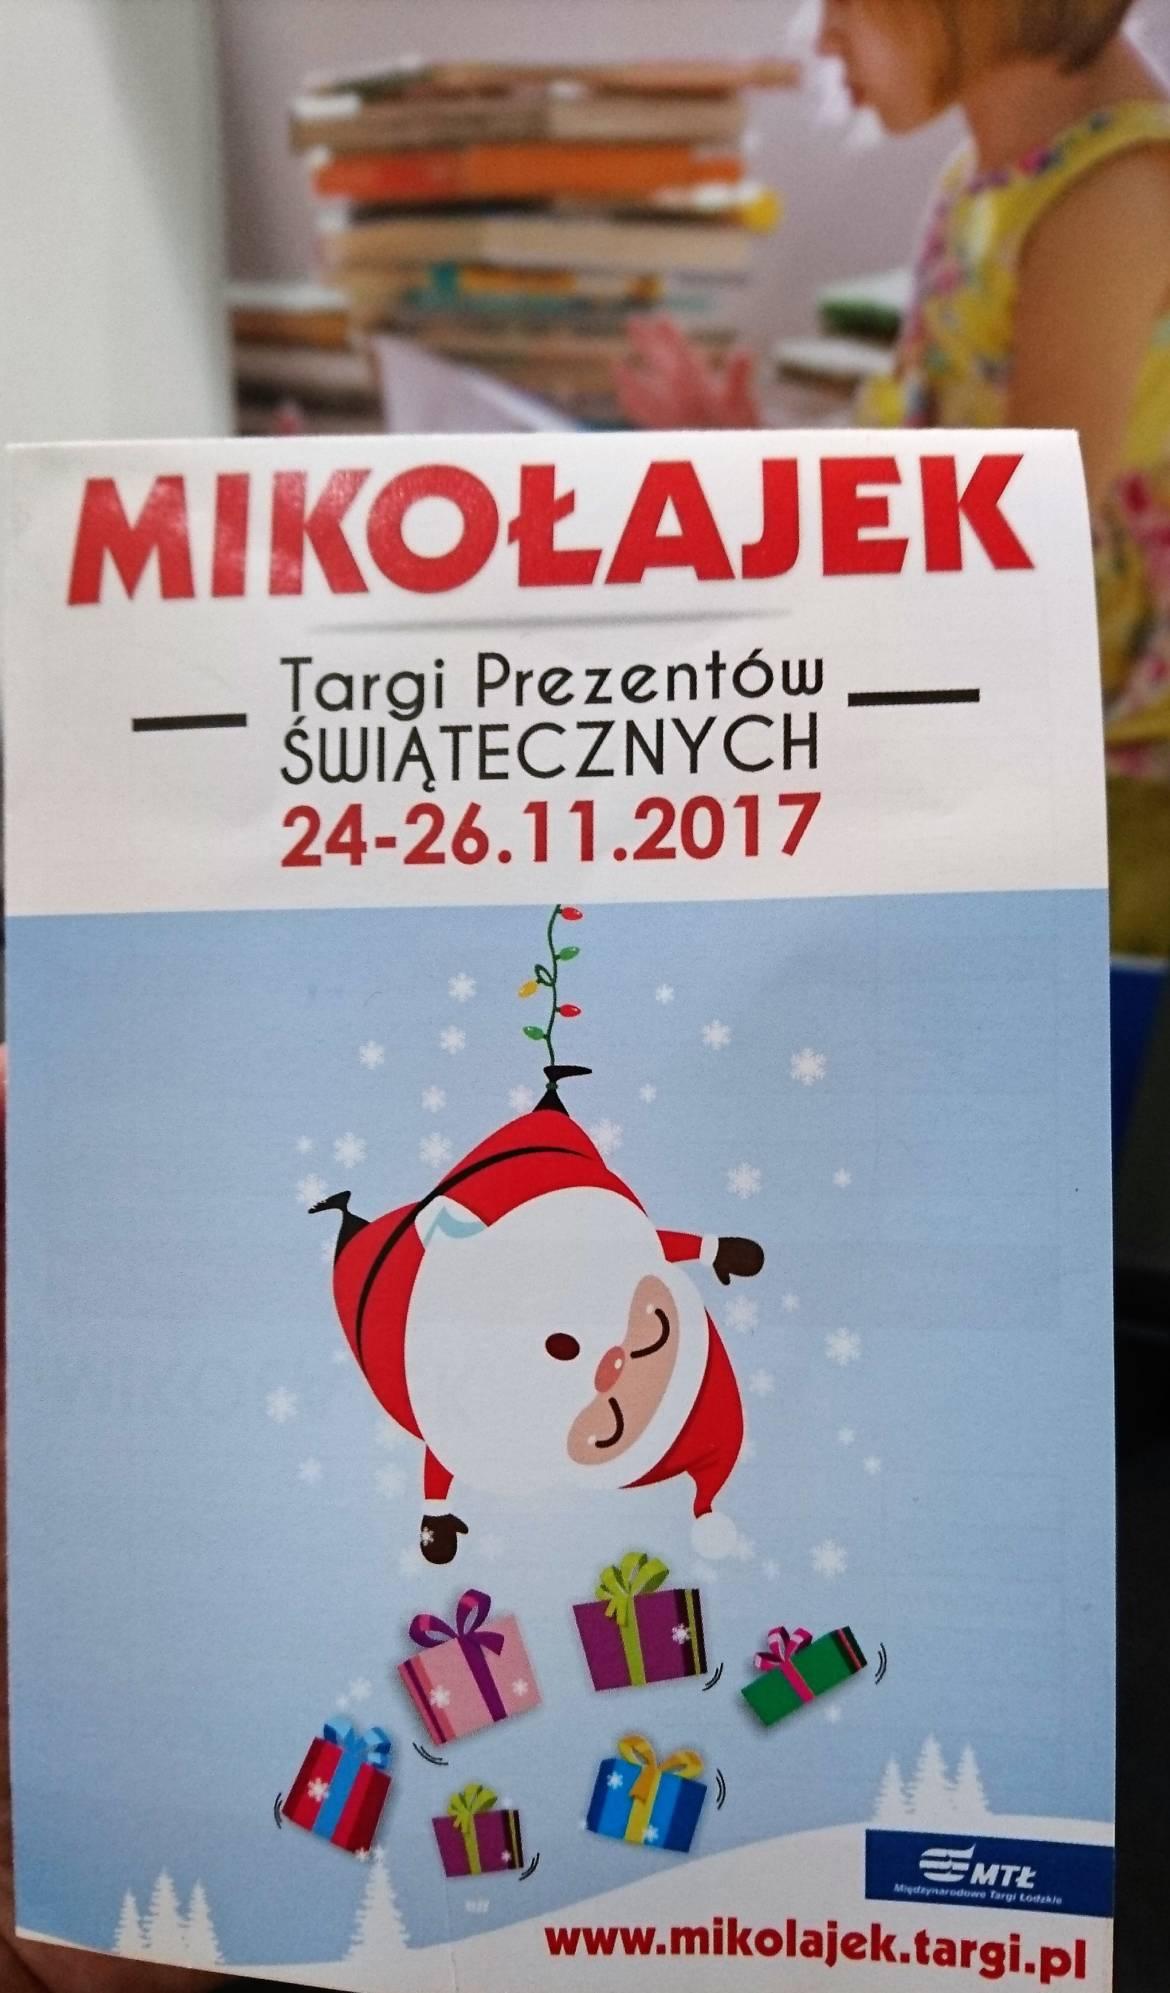 salon_ciekawej_ksiazki_wydawnictwo_kinderkulka_targi_prezentow_swiatecznych_mikolajek.jpg